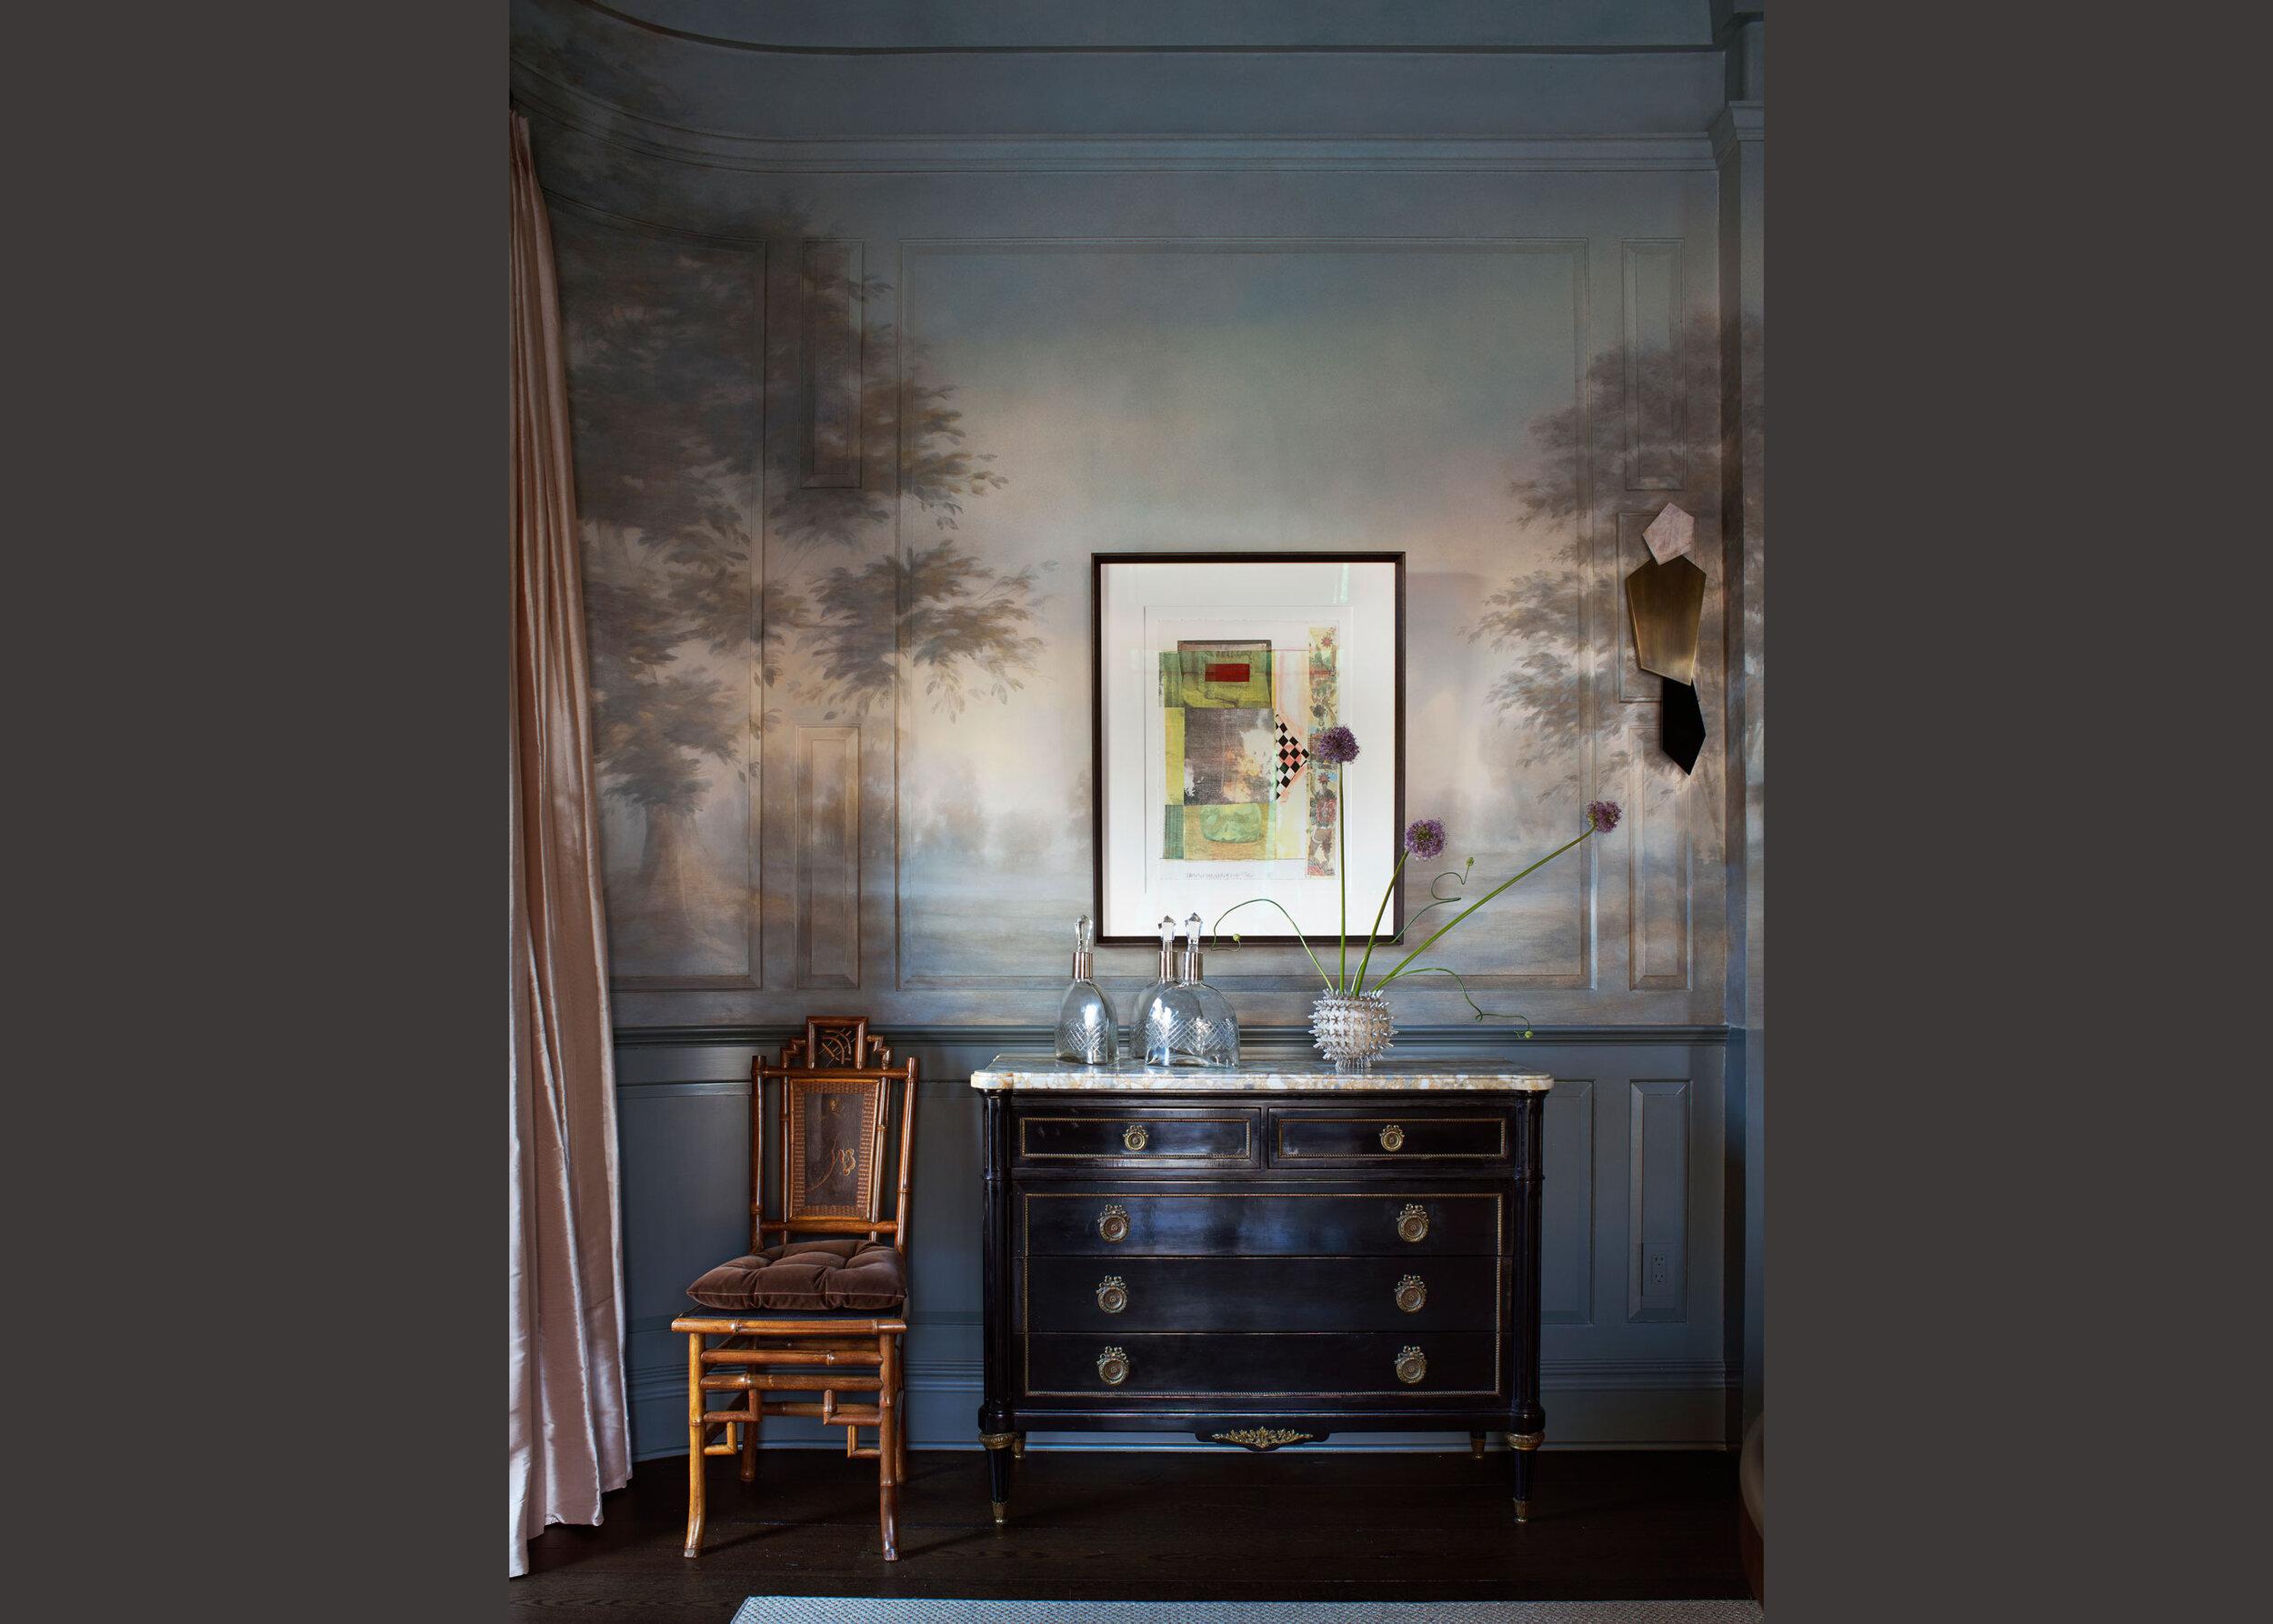 09-WMI---Dining-Room-Vignette.jpg